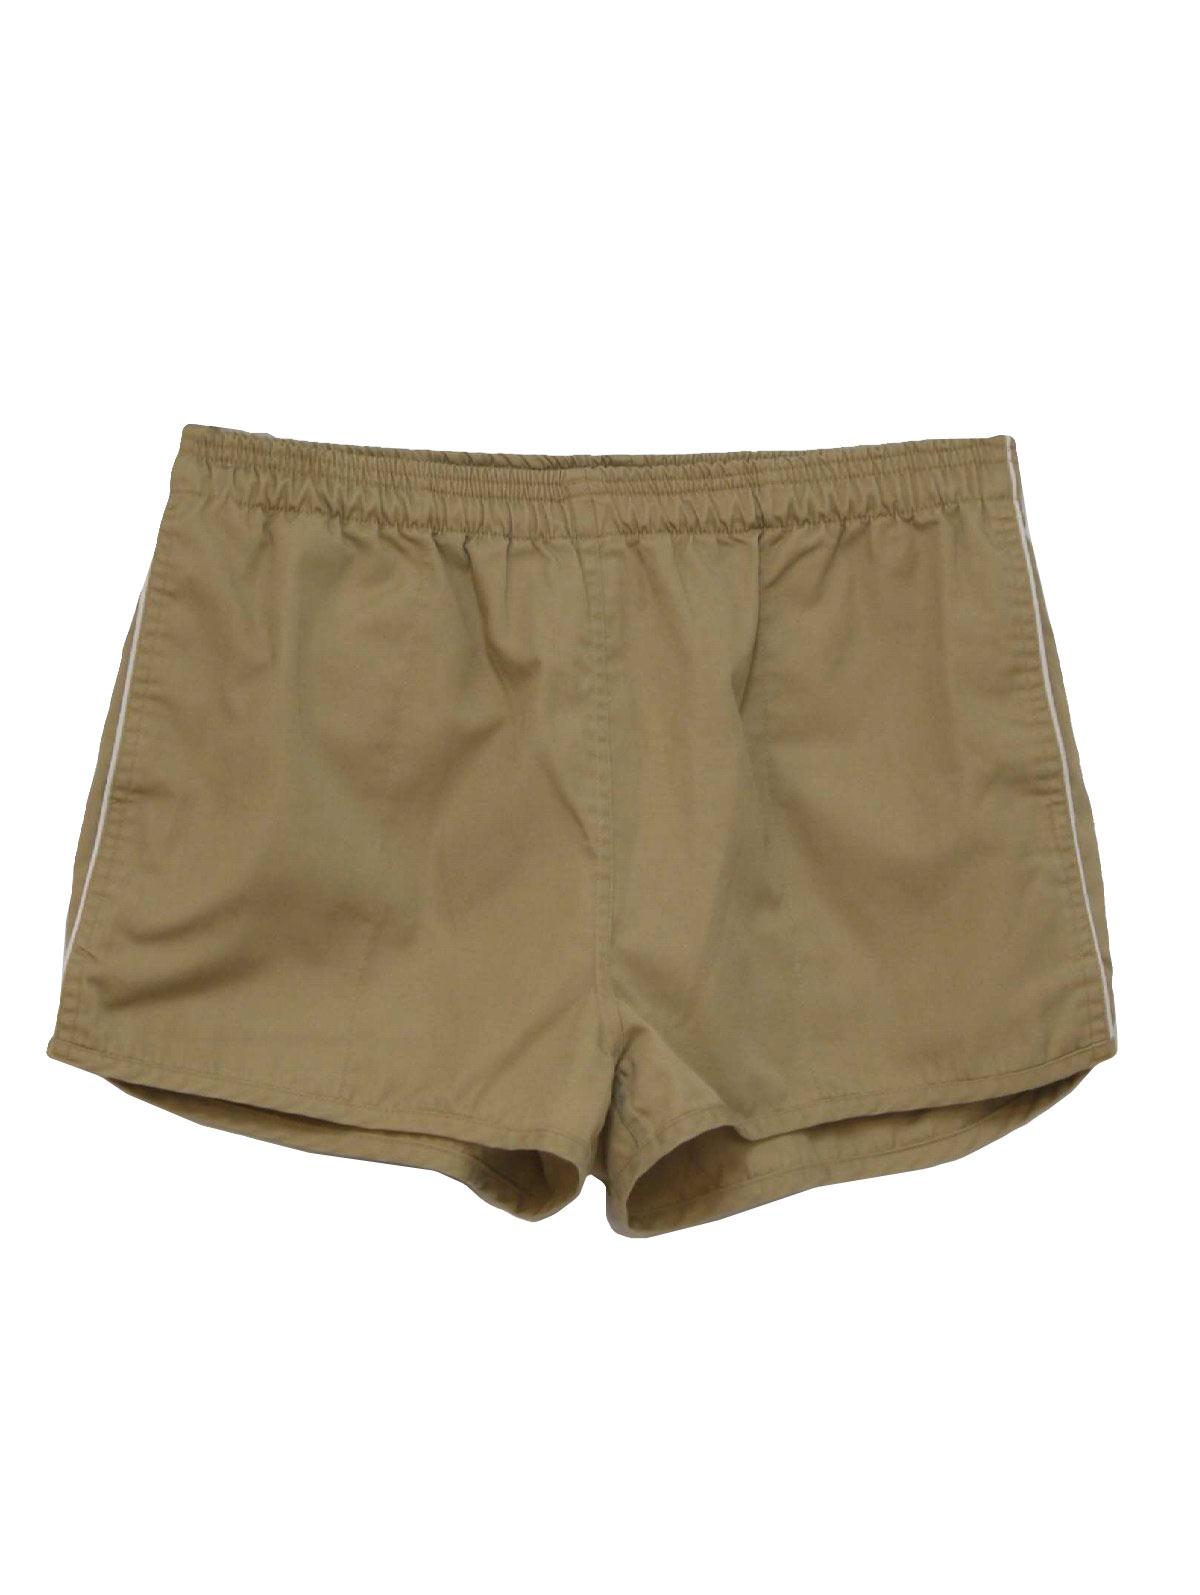 Vintage 1970's Shorts: 70s -Cest Joli- Mens khaki tan ...